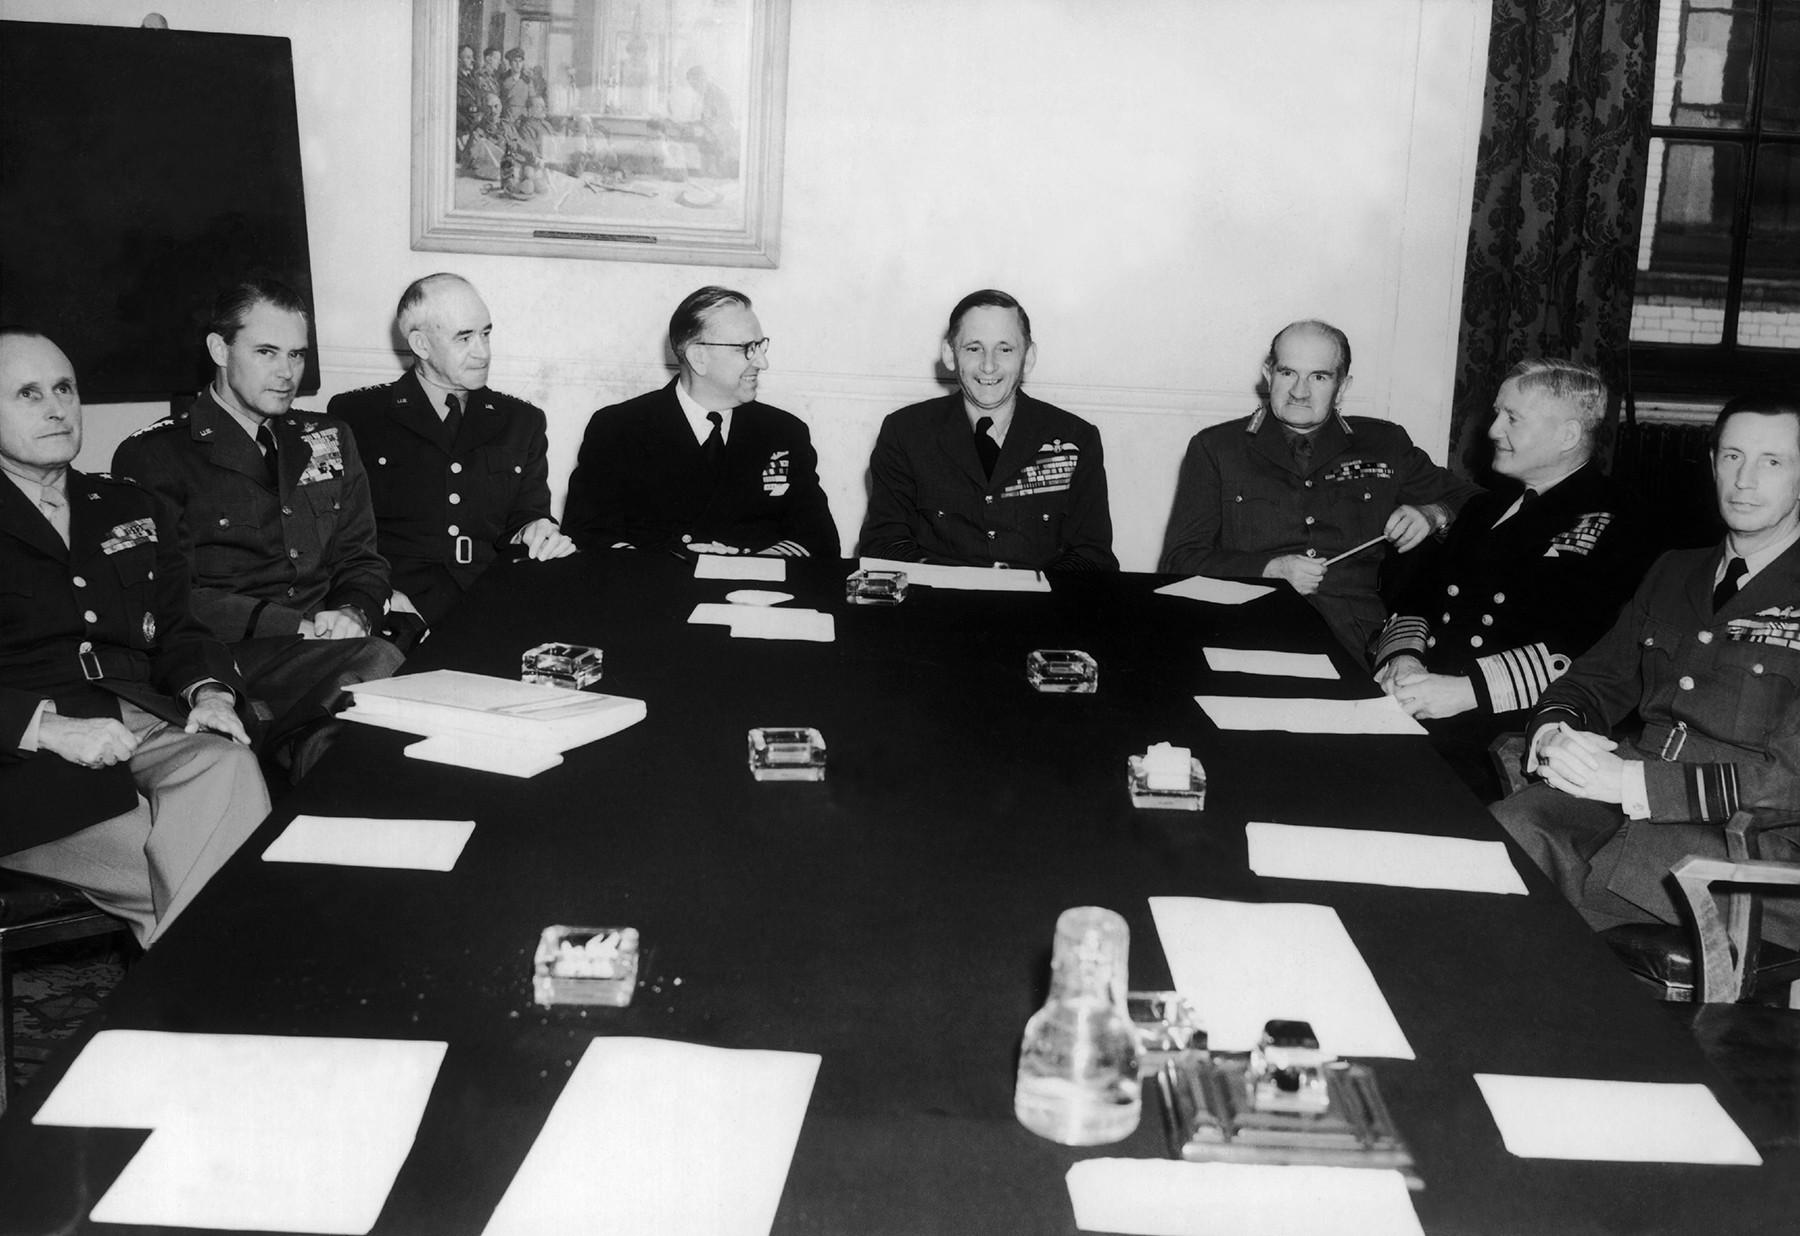 Американски и британски генерали на тркалезна маса, Велика Британија, 8 март 1949